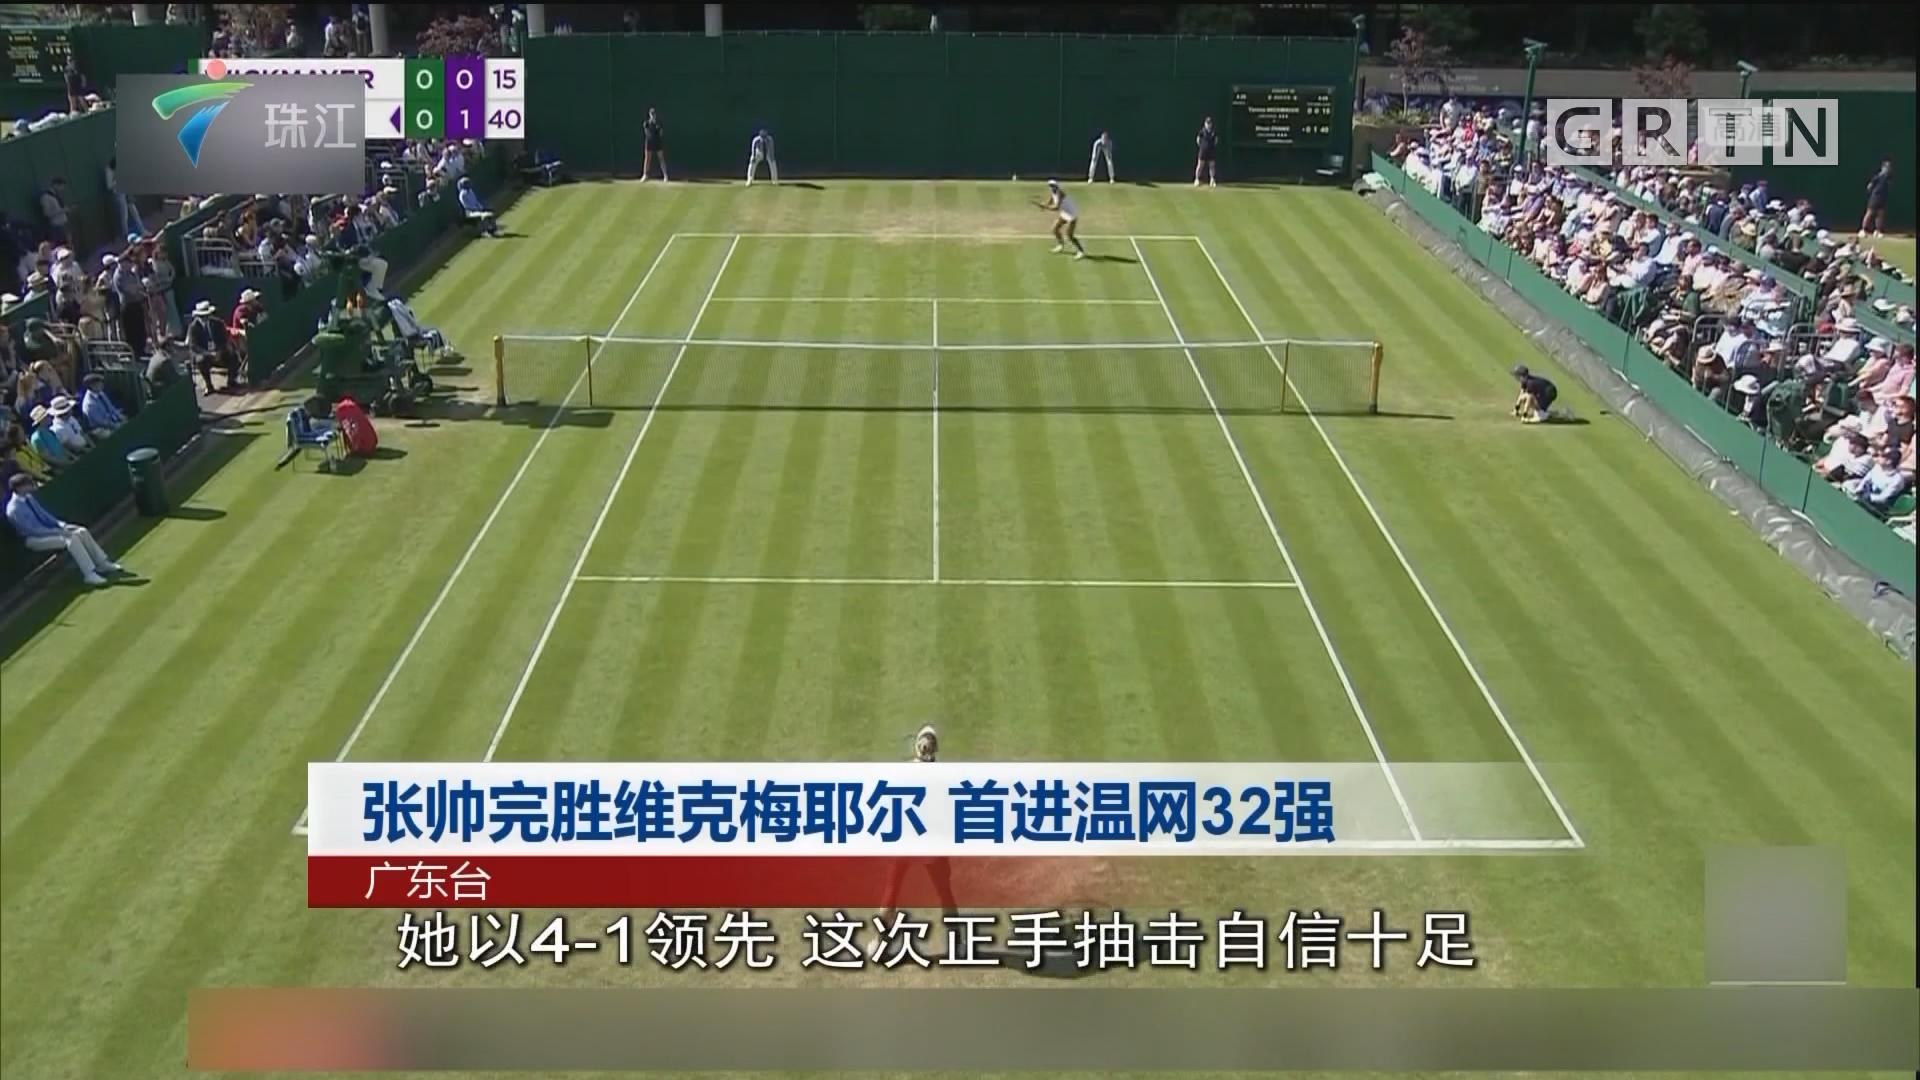 張帥完勝維克梅耶爾 首進溫網32強